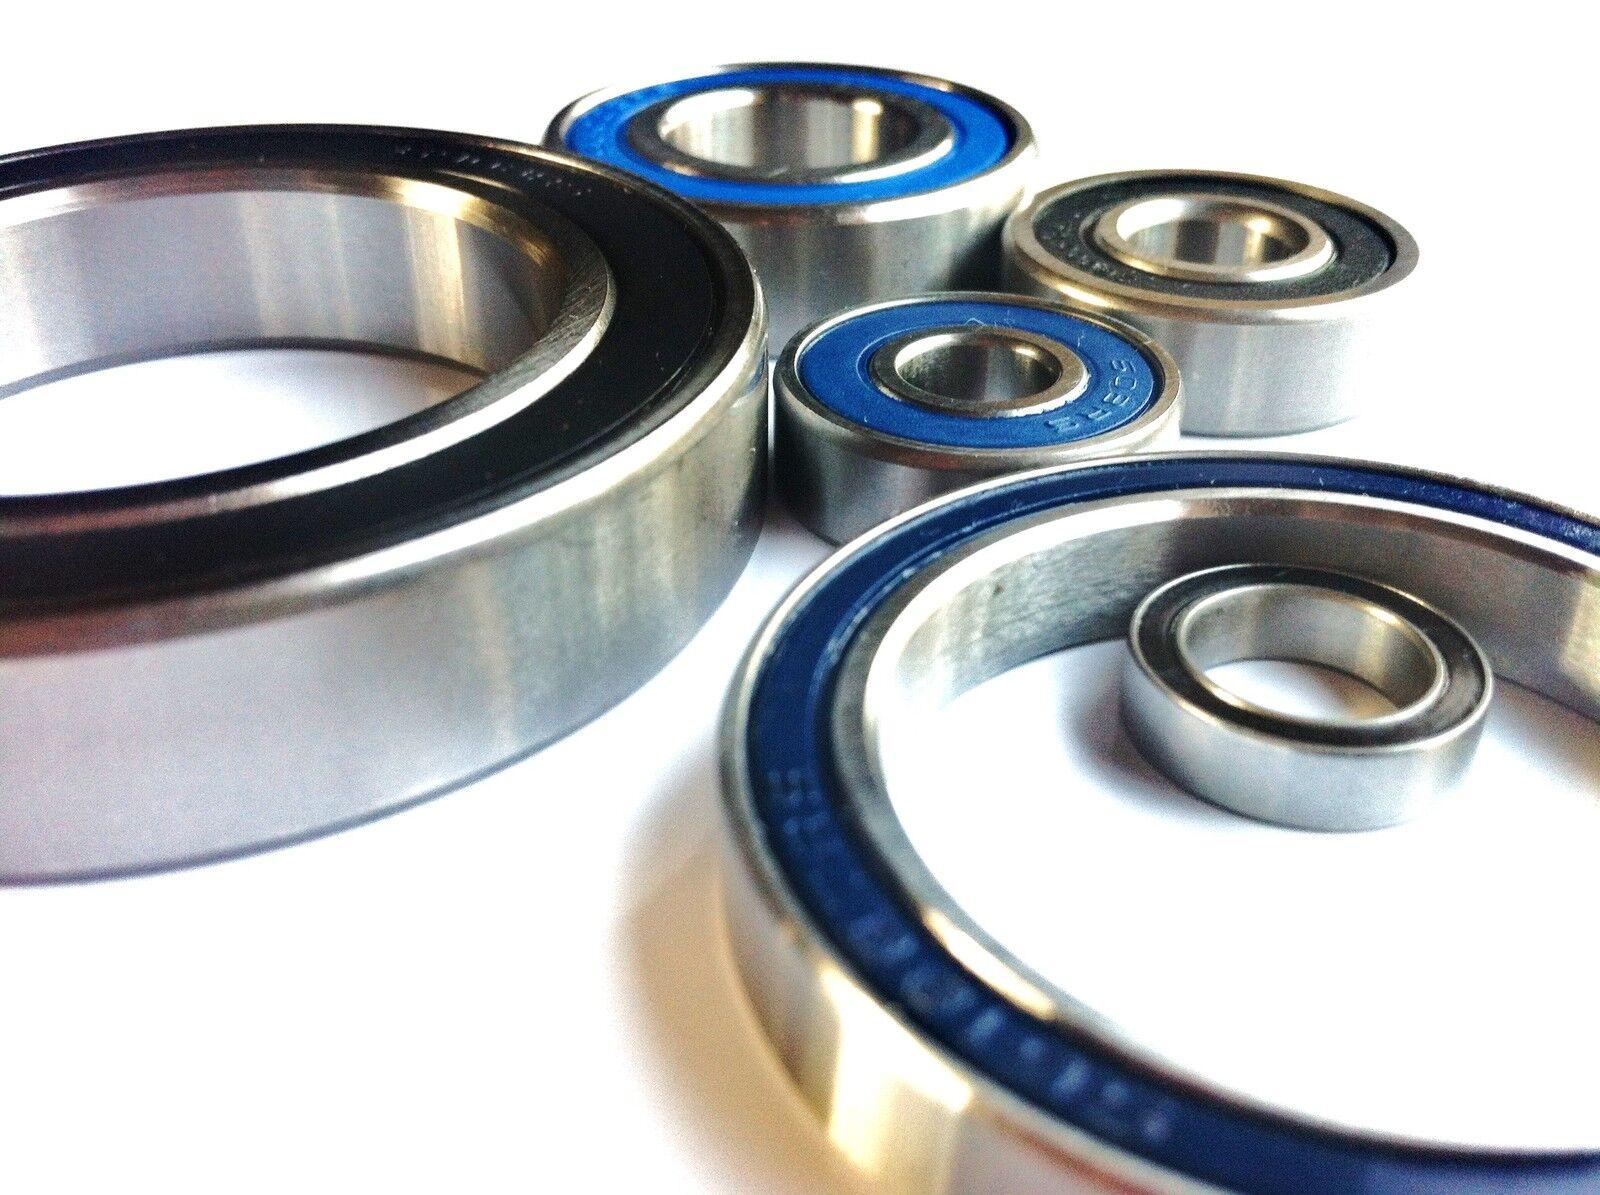 Cuadro de BMX MTB Híbrido De Cerámica/concentrador ciclo Rodamientos Rodamientos Rodamientos Sellados Teflón Lubricados 9566b3